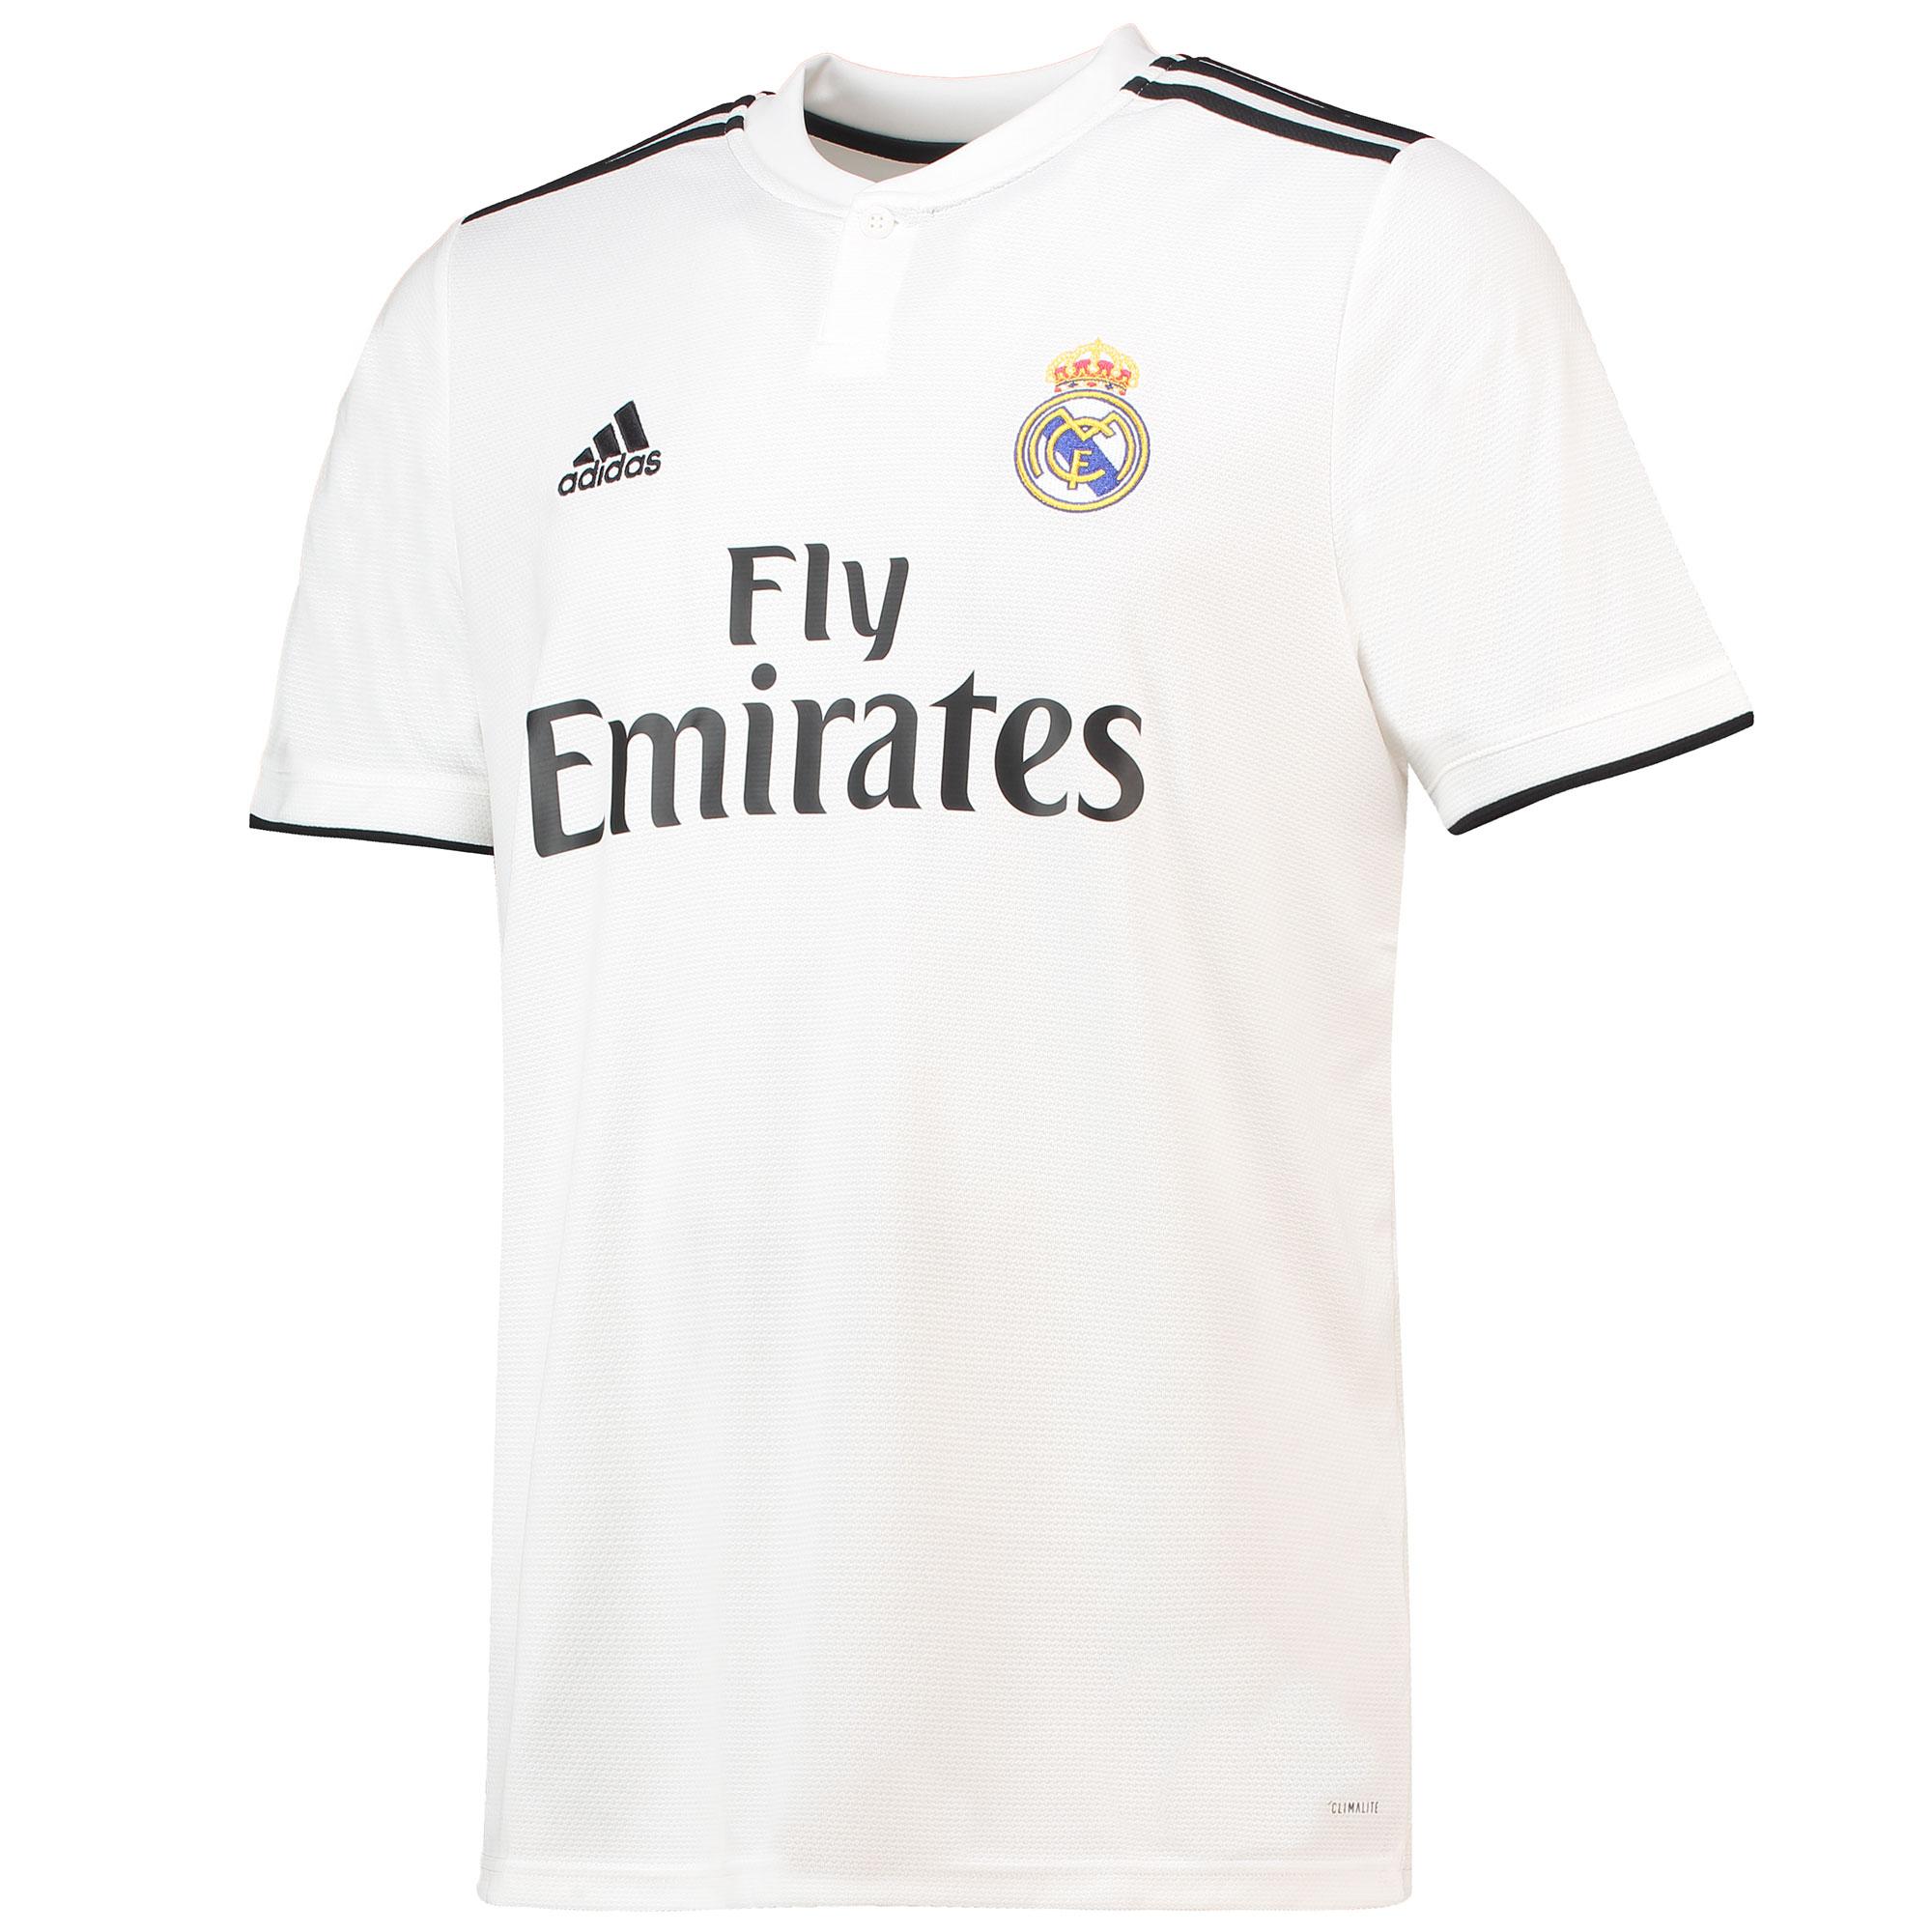 Détails sur Real Madrid Football Home Jersey Shirt Tee Top 2018 19 Homme Adidas afficher le titre d'origine